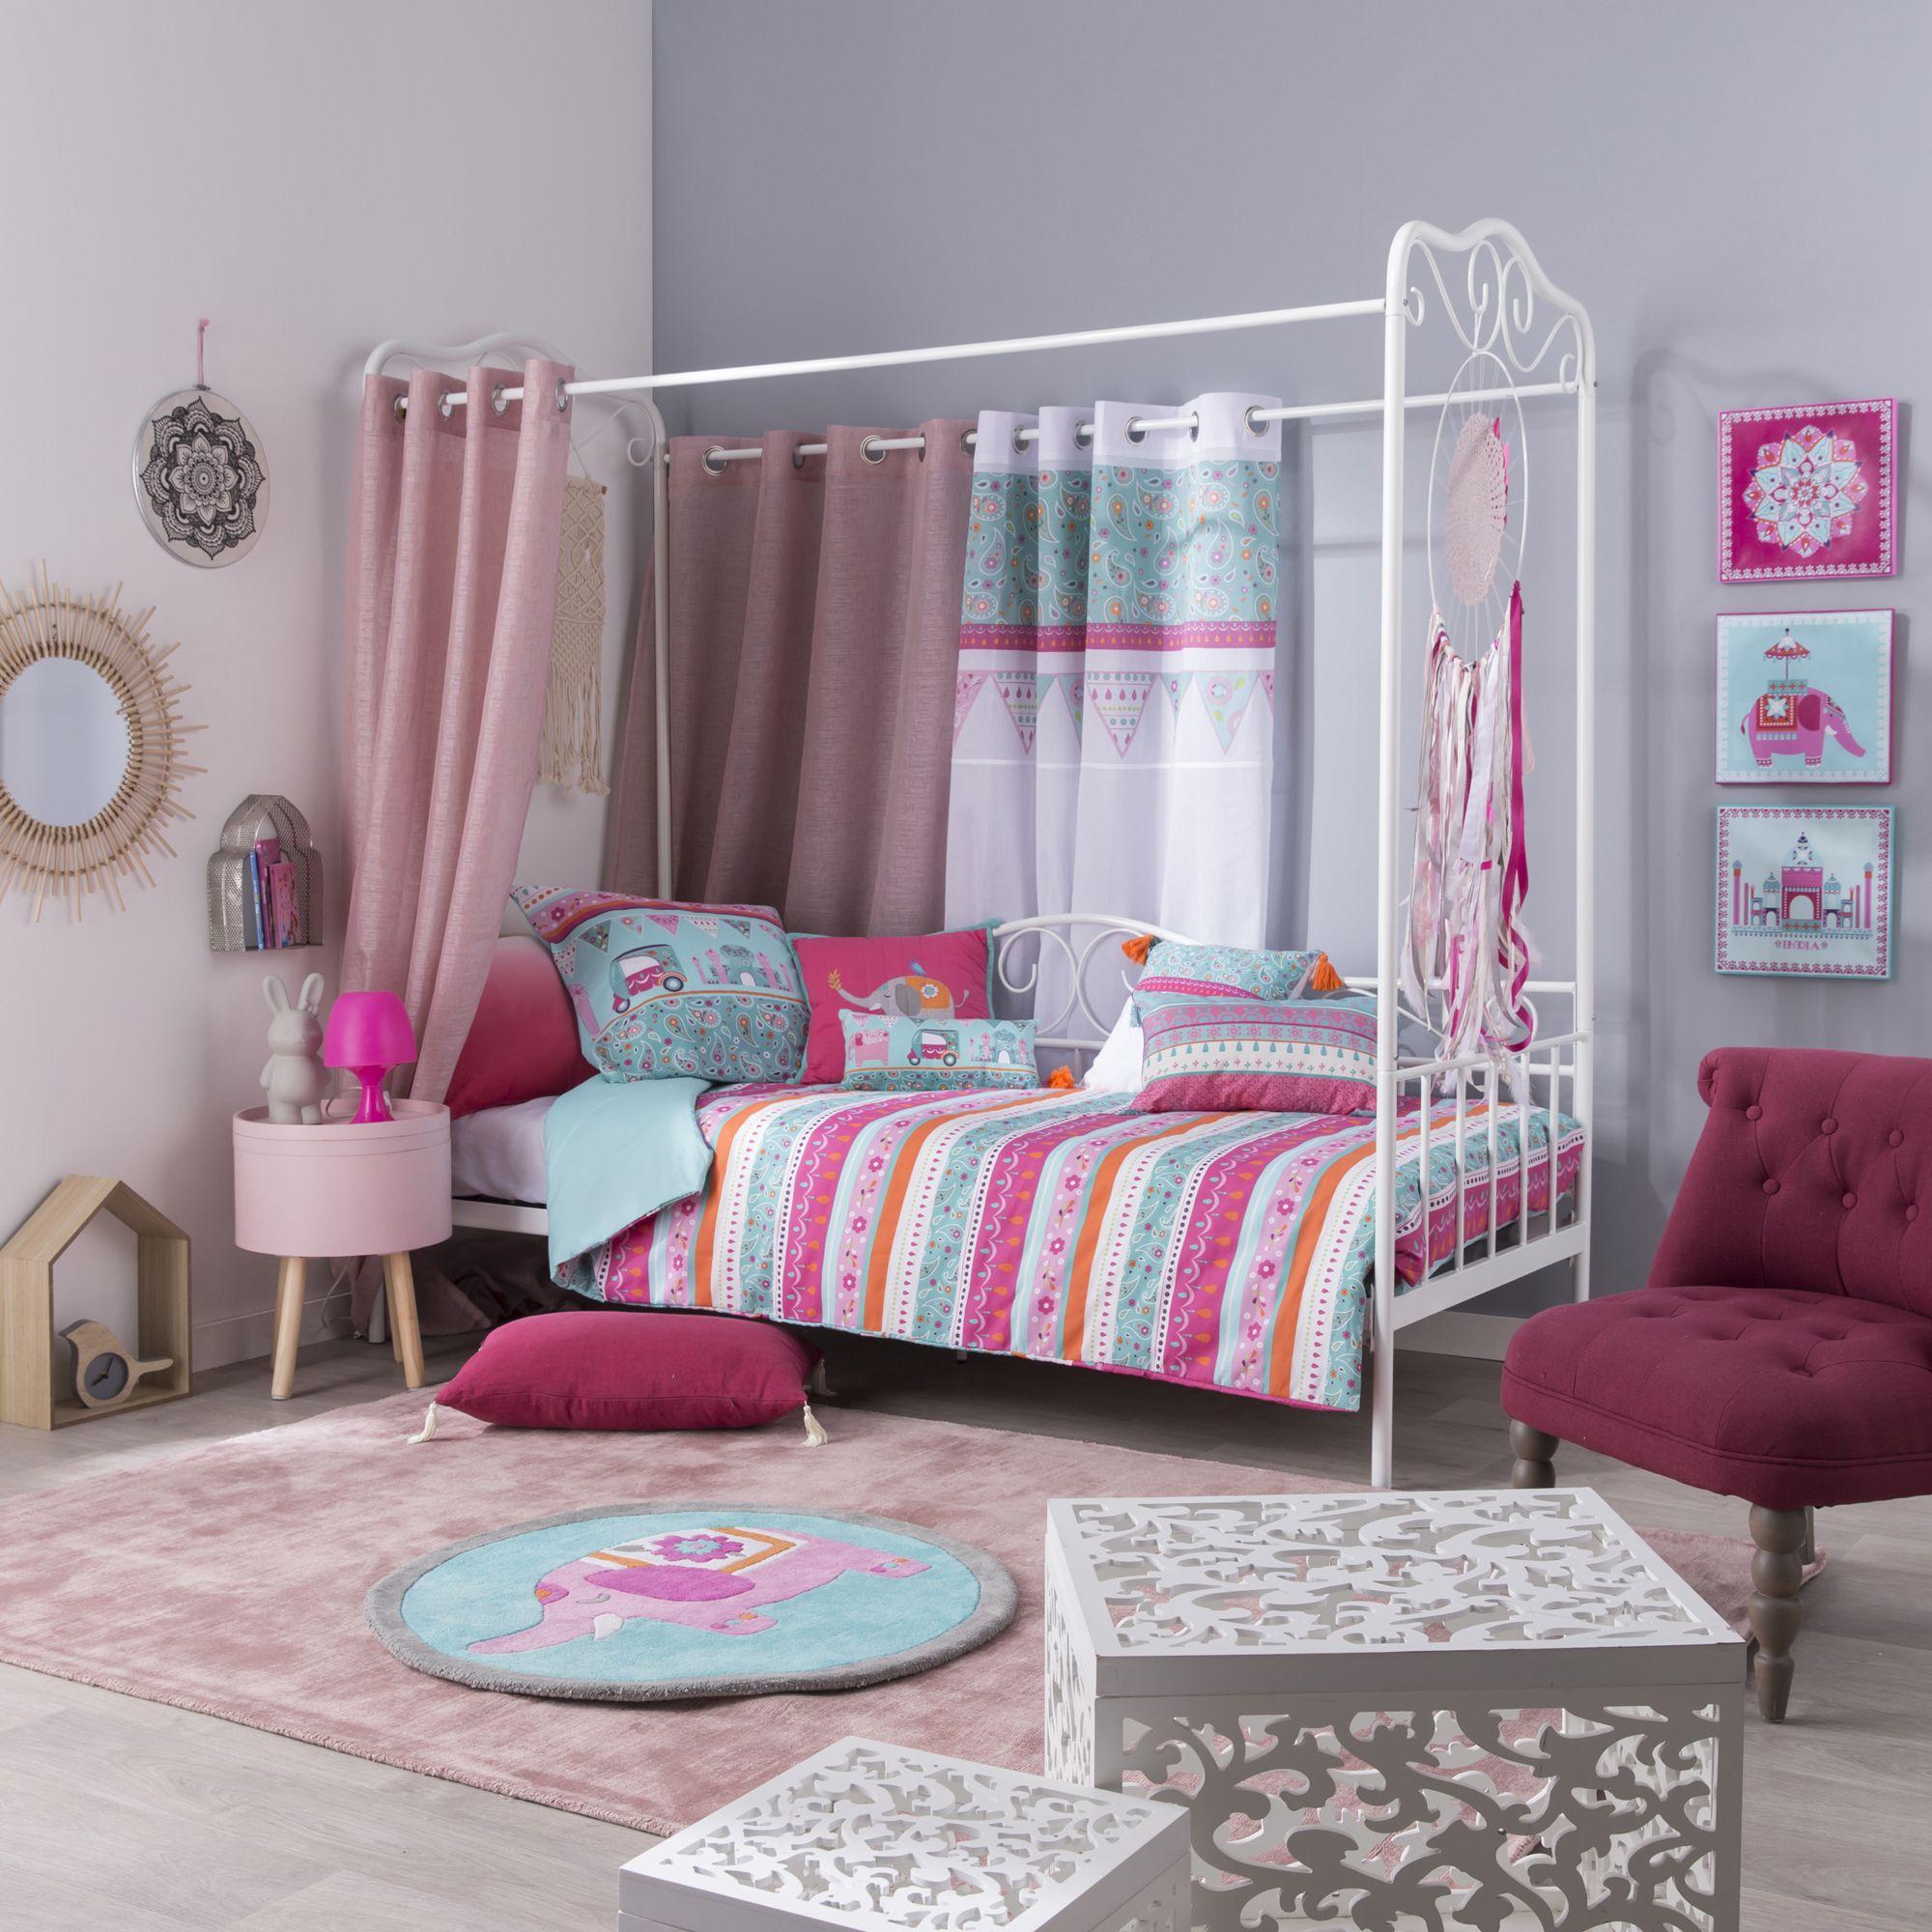 Chambre Pour Filles Alinea Etagere Chambre Enfant Deco Chambre Chambre Enfant